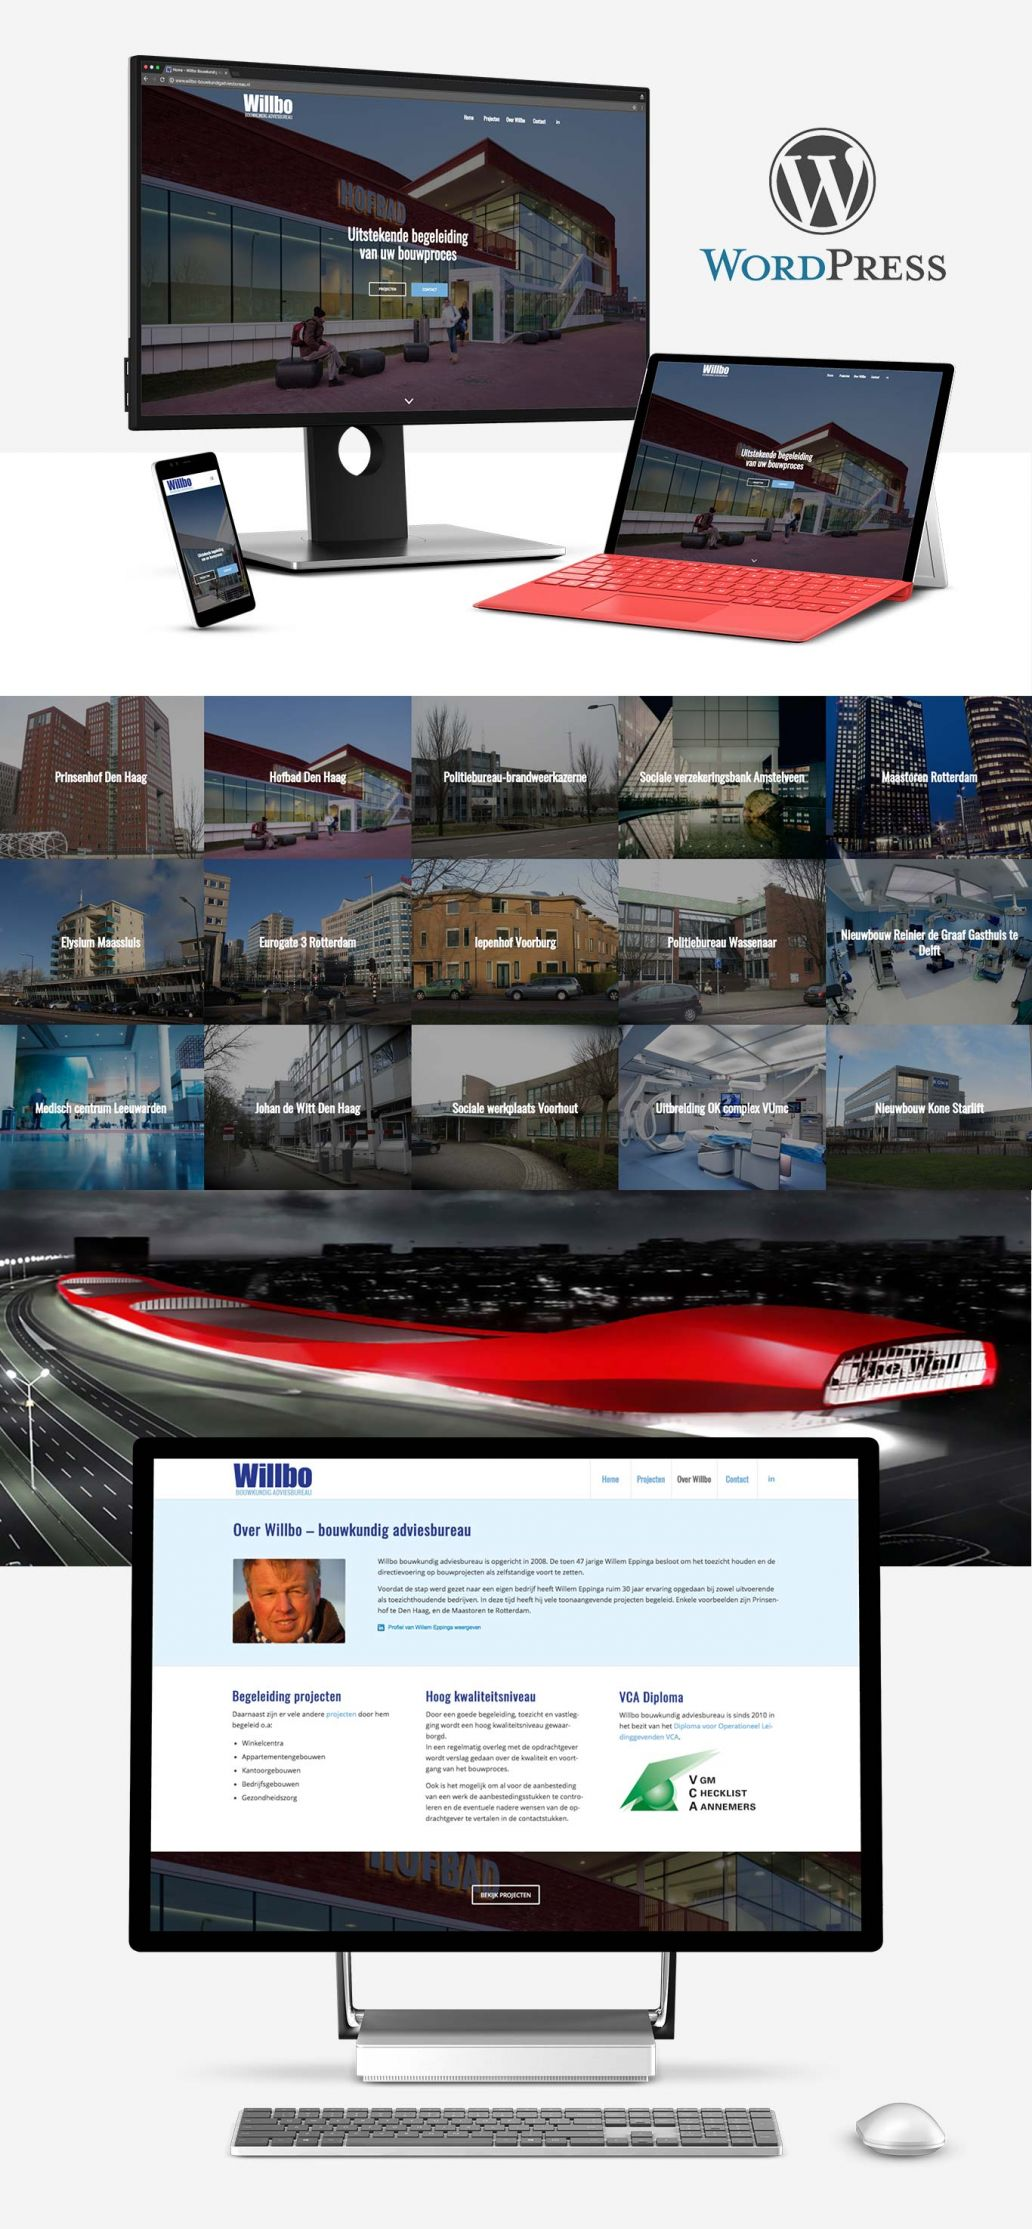 website ontwerp in wordpress voor willbo bouwkundig adviesbureau uit den haag